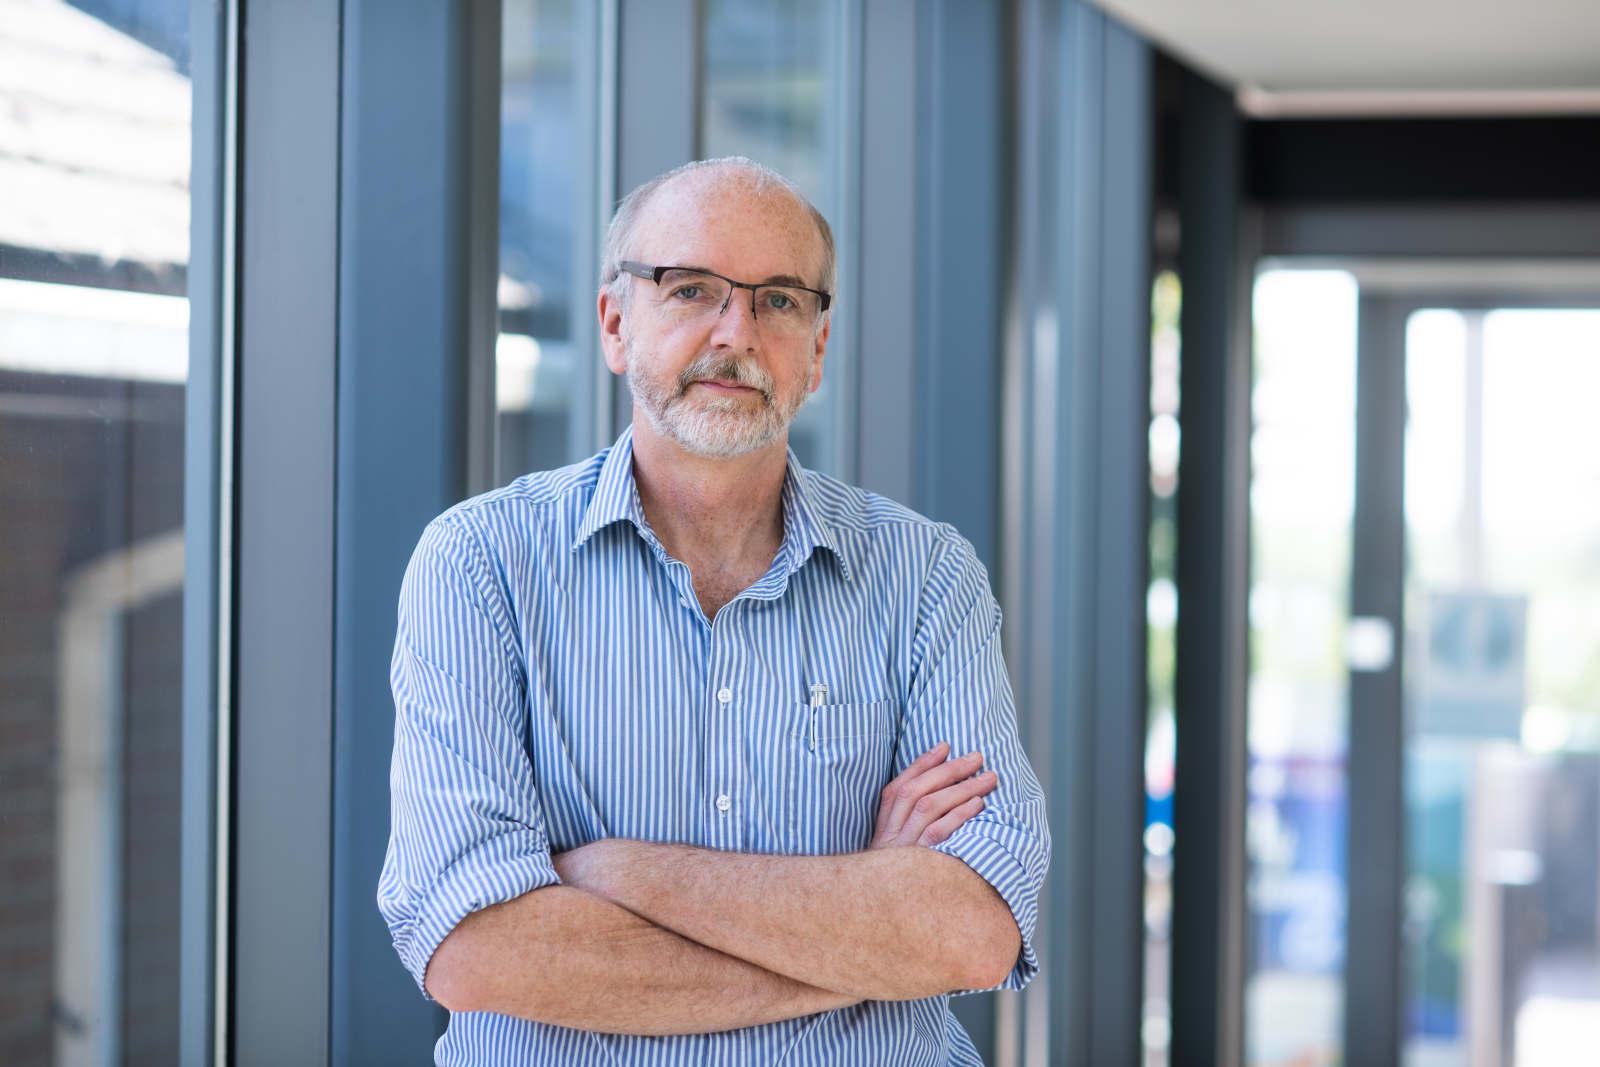 Nhà khoa học tại AstraZeneca: Chủng virus Delta khiến việc thử nghiệm trở nên vô nghĩa ở Anh